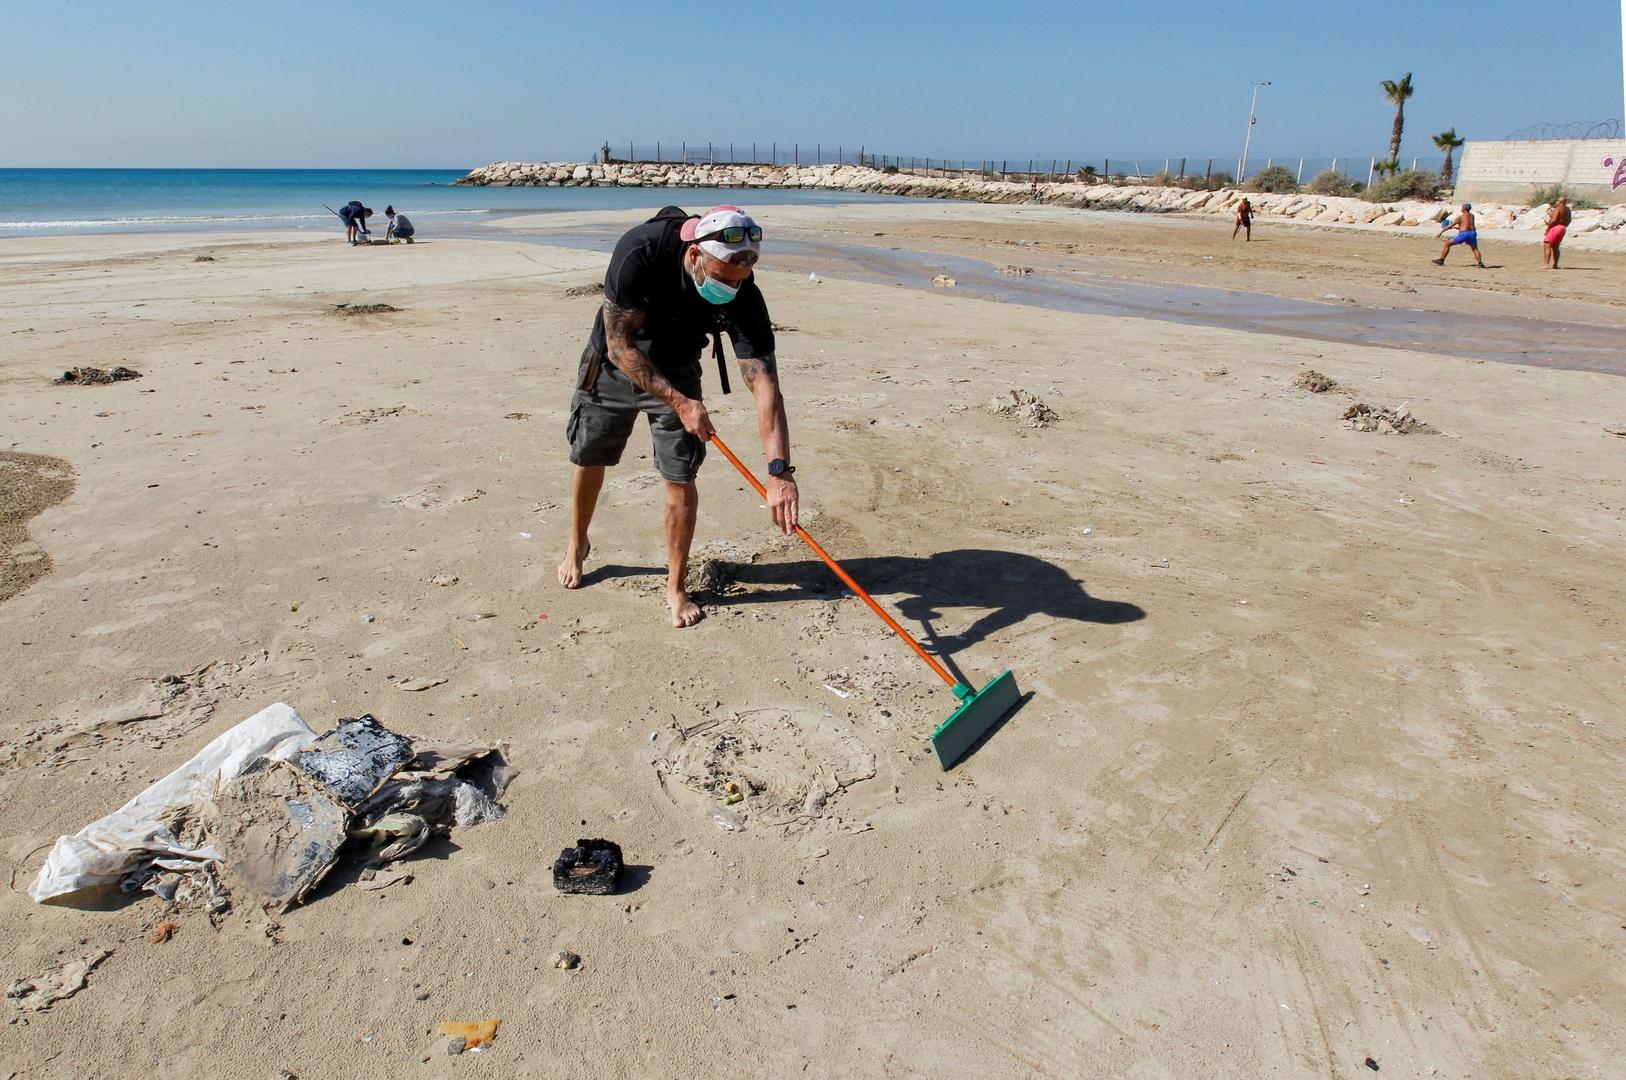 نائبة لبنانية: كمية القطران التي انتشرت على الشواطئ قادمة من إسرائيل تقدر بنحو 2 طن